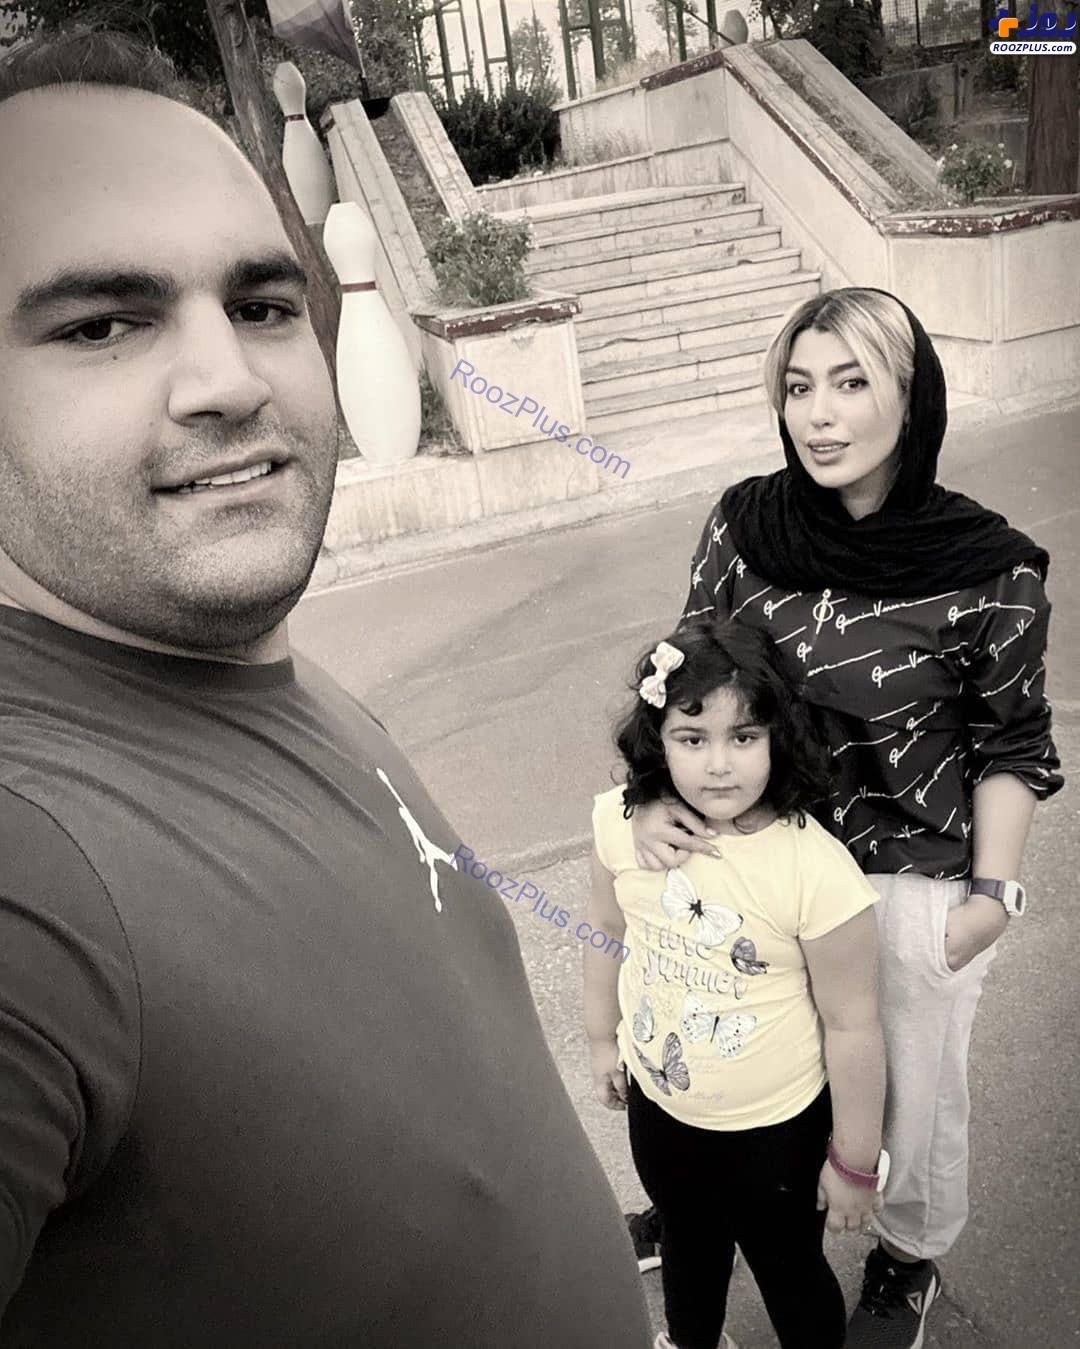 بهداد سلیمی درکنار همسرش و دخترش+عکس